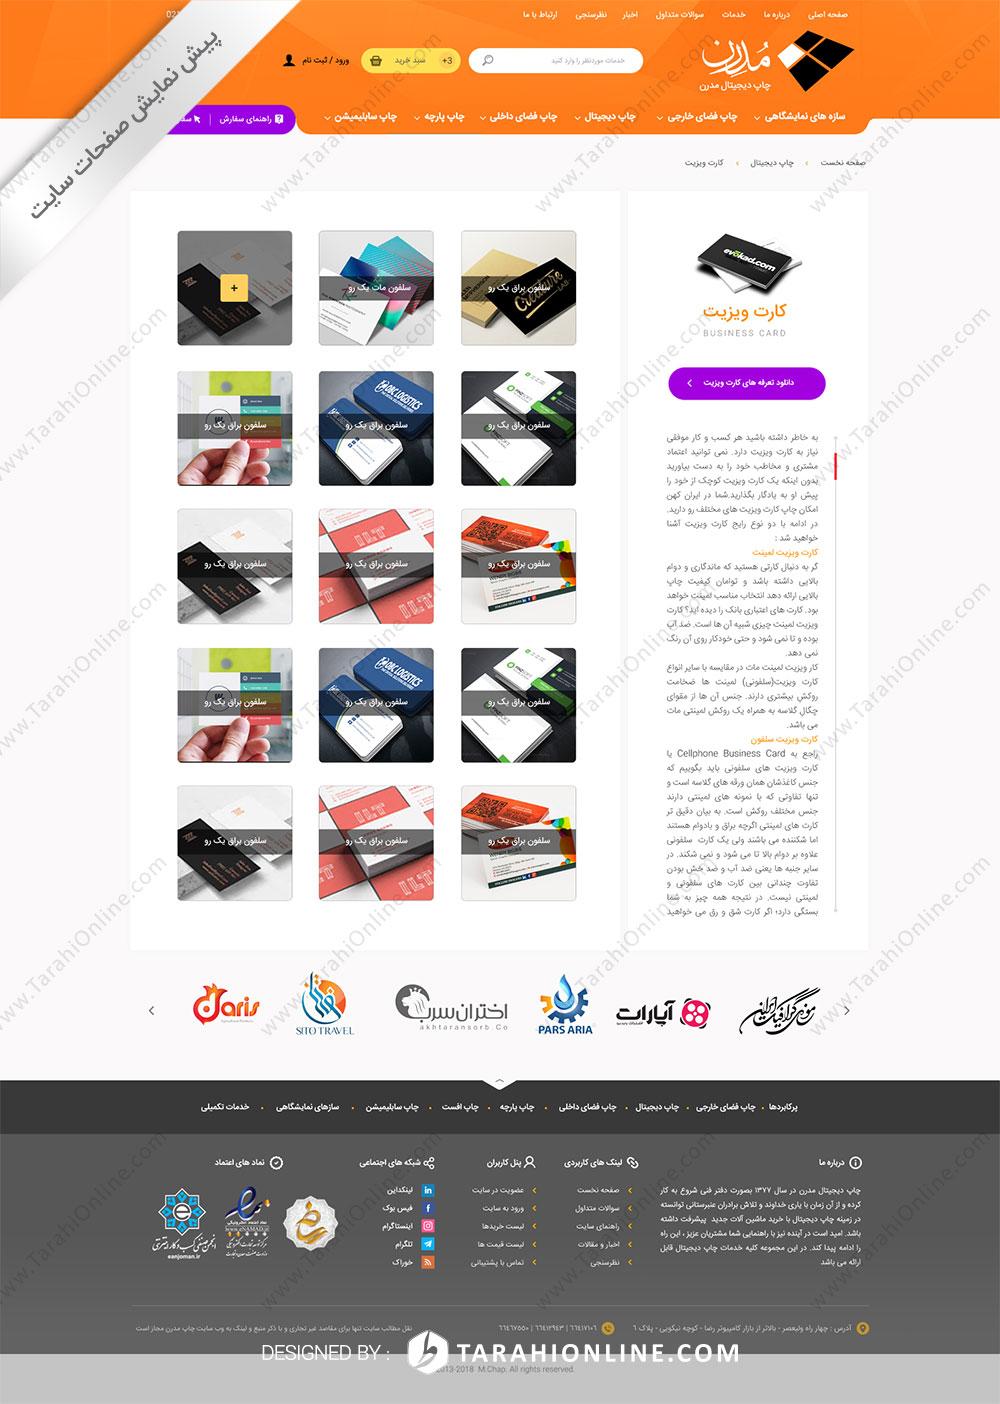 بازطراحی قالب سایت چاپ دیجیتال مدرن - دسته بندی ها